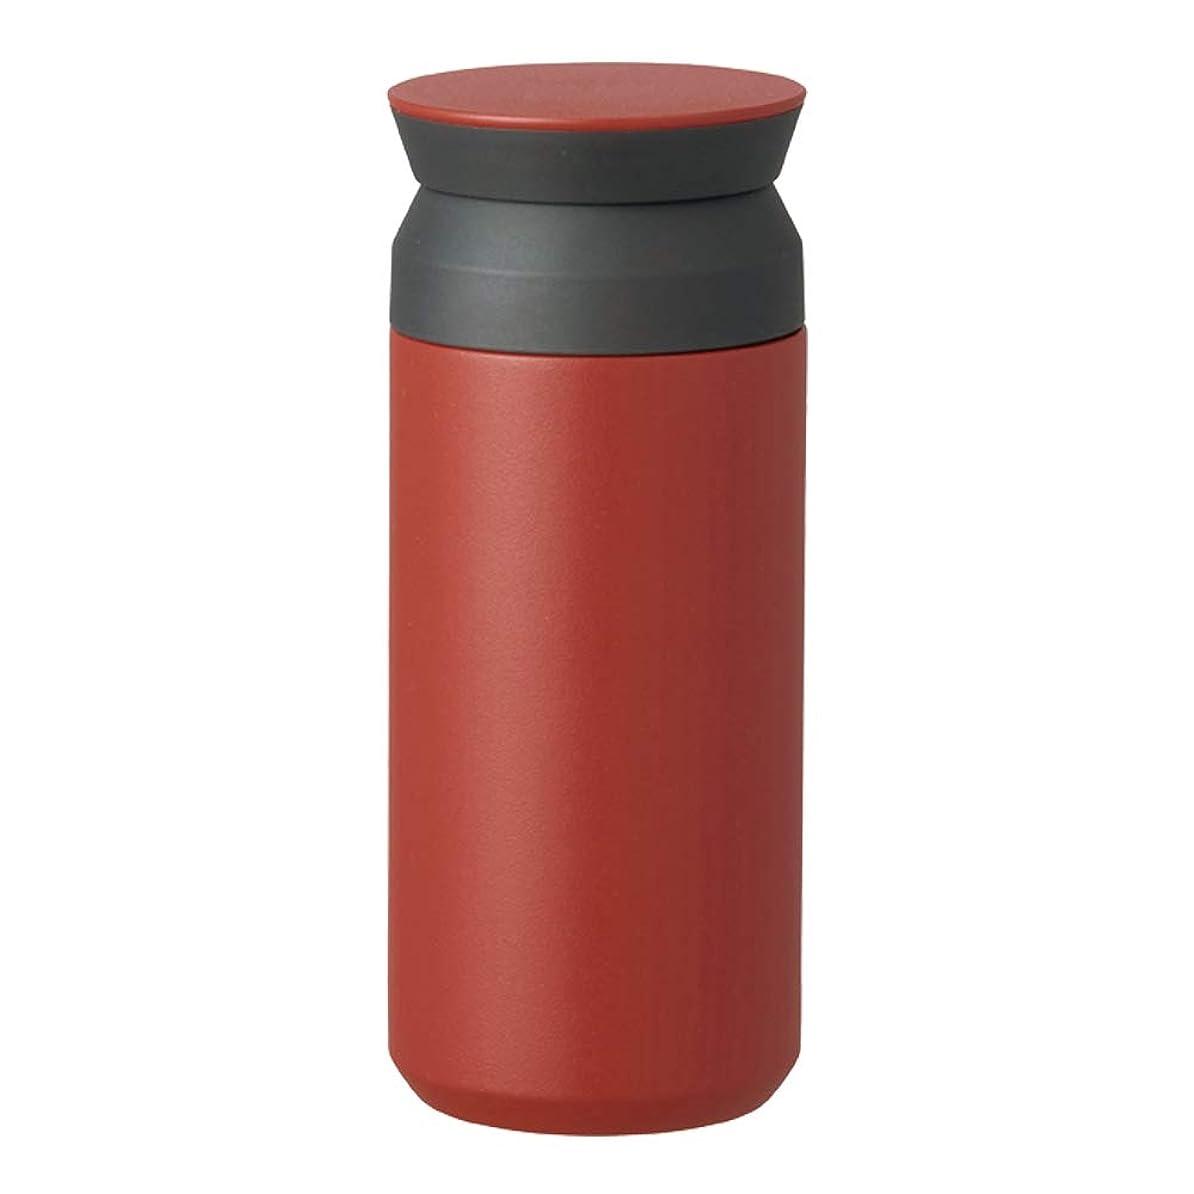 酸化するシャベル姿を消すKINTO (キントー) タンブラー レッド 350ml トラベルタンブラー 20933.0